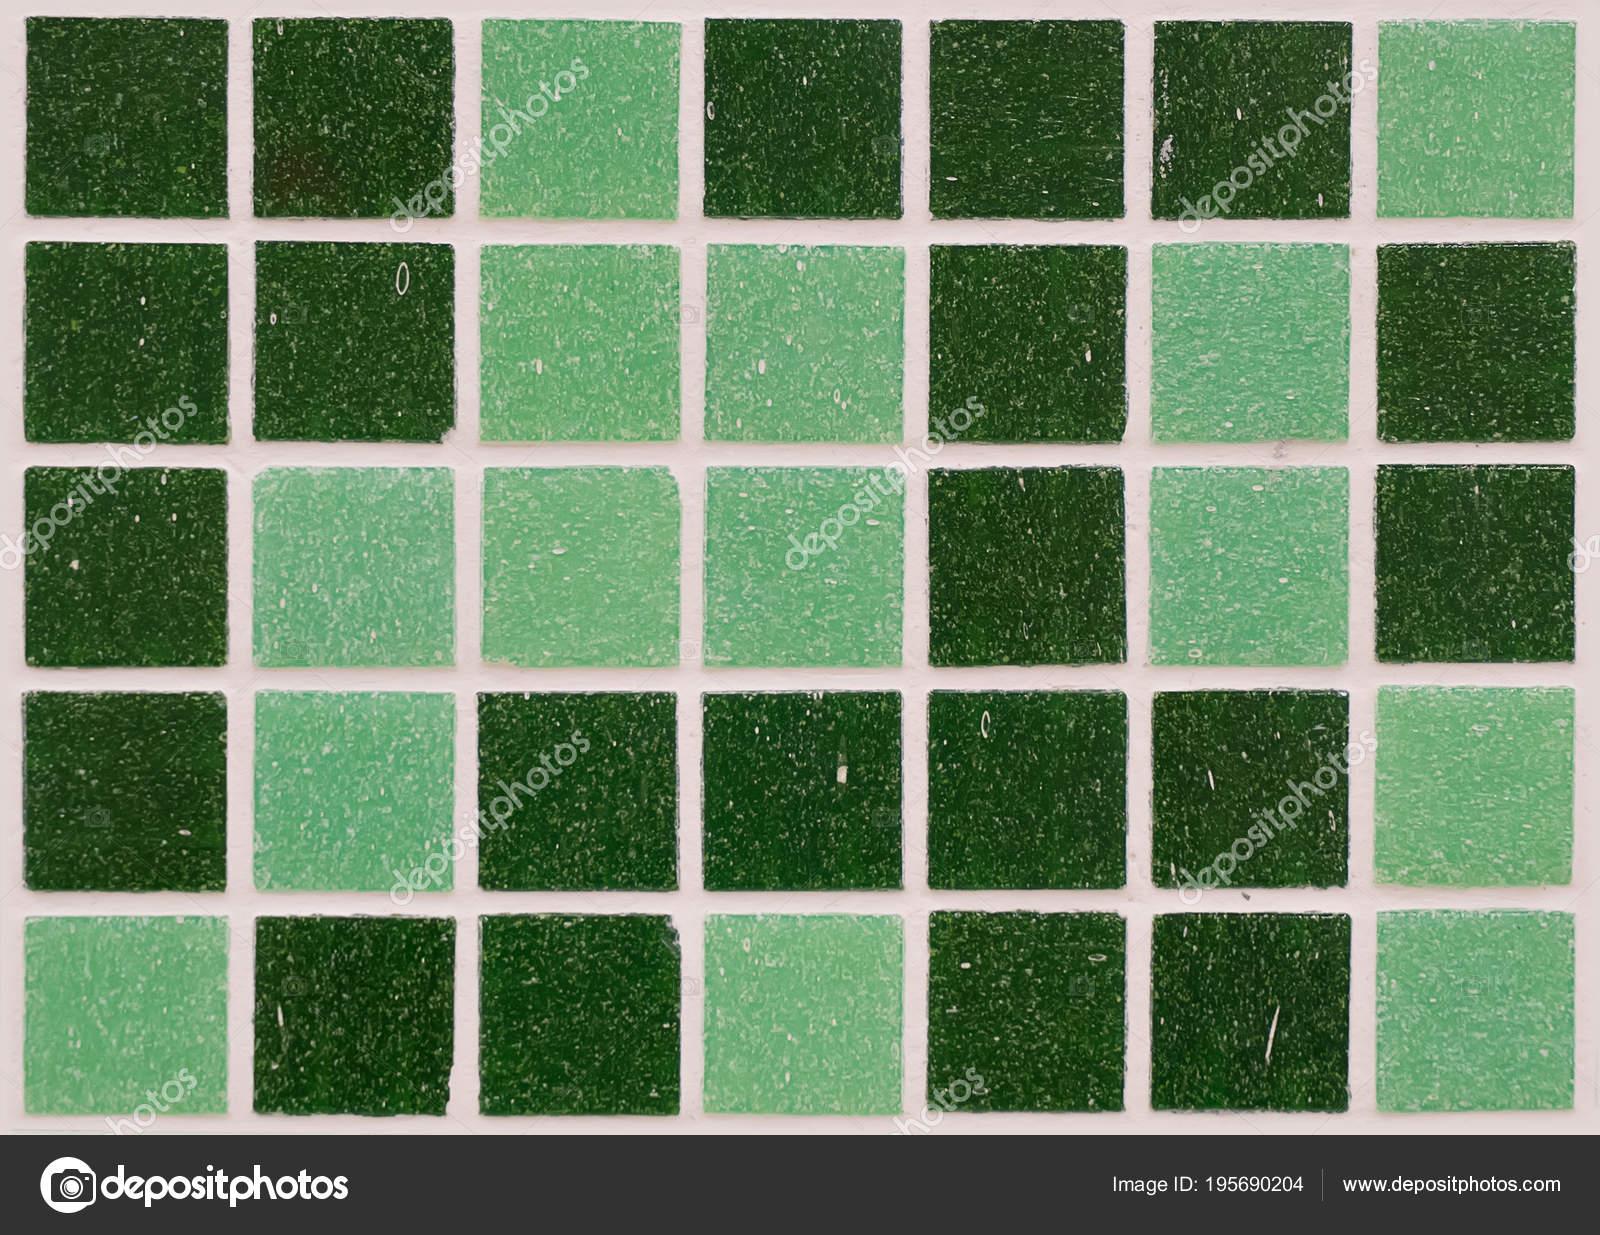 Groene Mozaiek Tegels : Veelkleurige groene mozaïek u2014 stockfoto © diy13@ya.ru #195690204